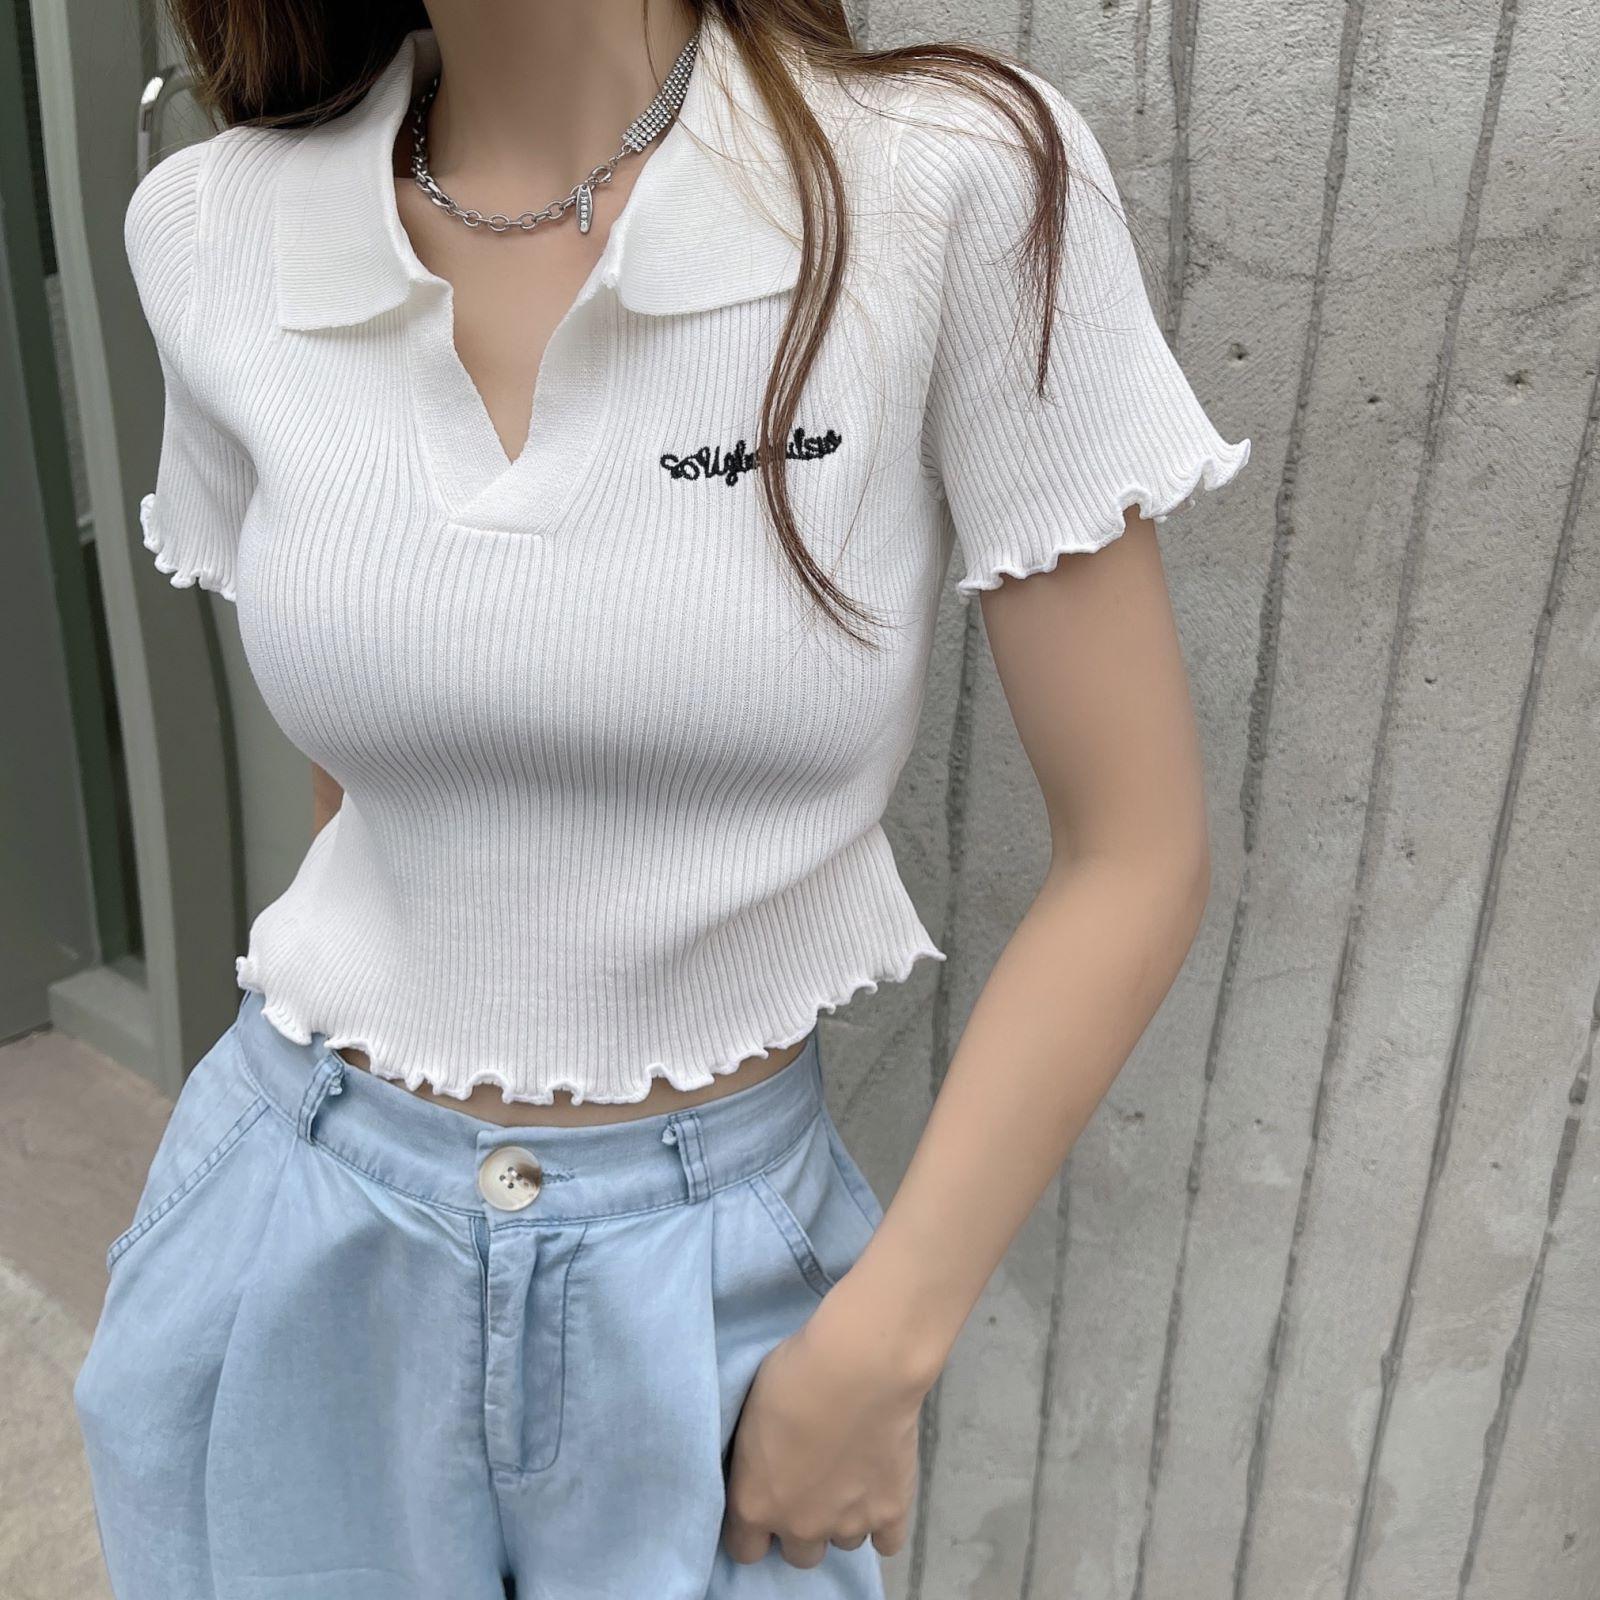 韓国 ファッション トップス Tシャツ カットソー 春 夏 カジュアル PTXK349  スキッパー リブ 襟付き ショート ウェーブ オルチャン シンプル 定番 セレカジの写真10枚目